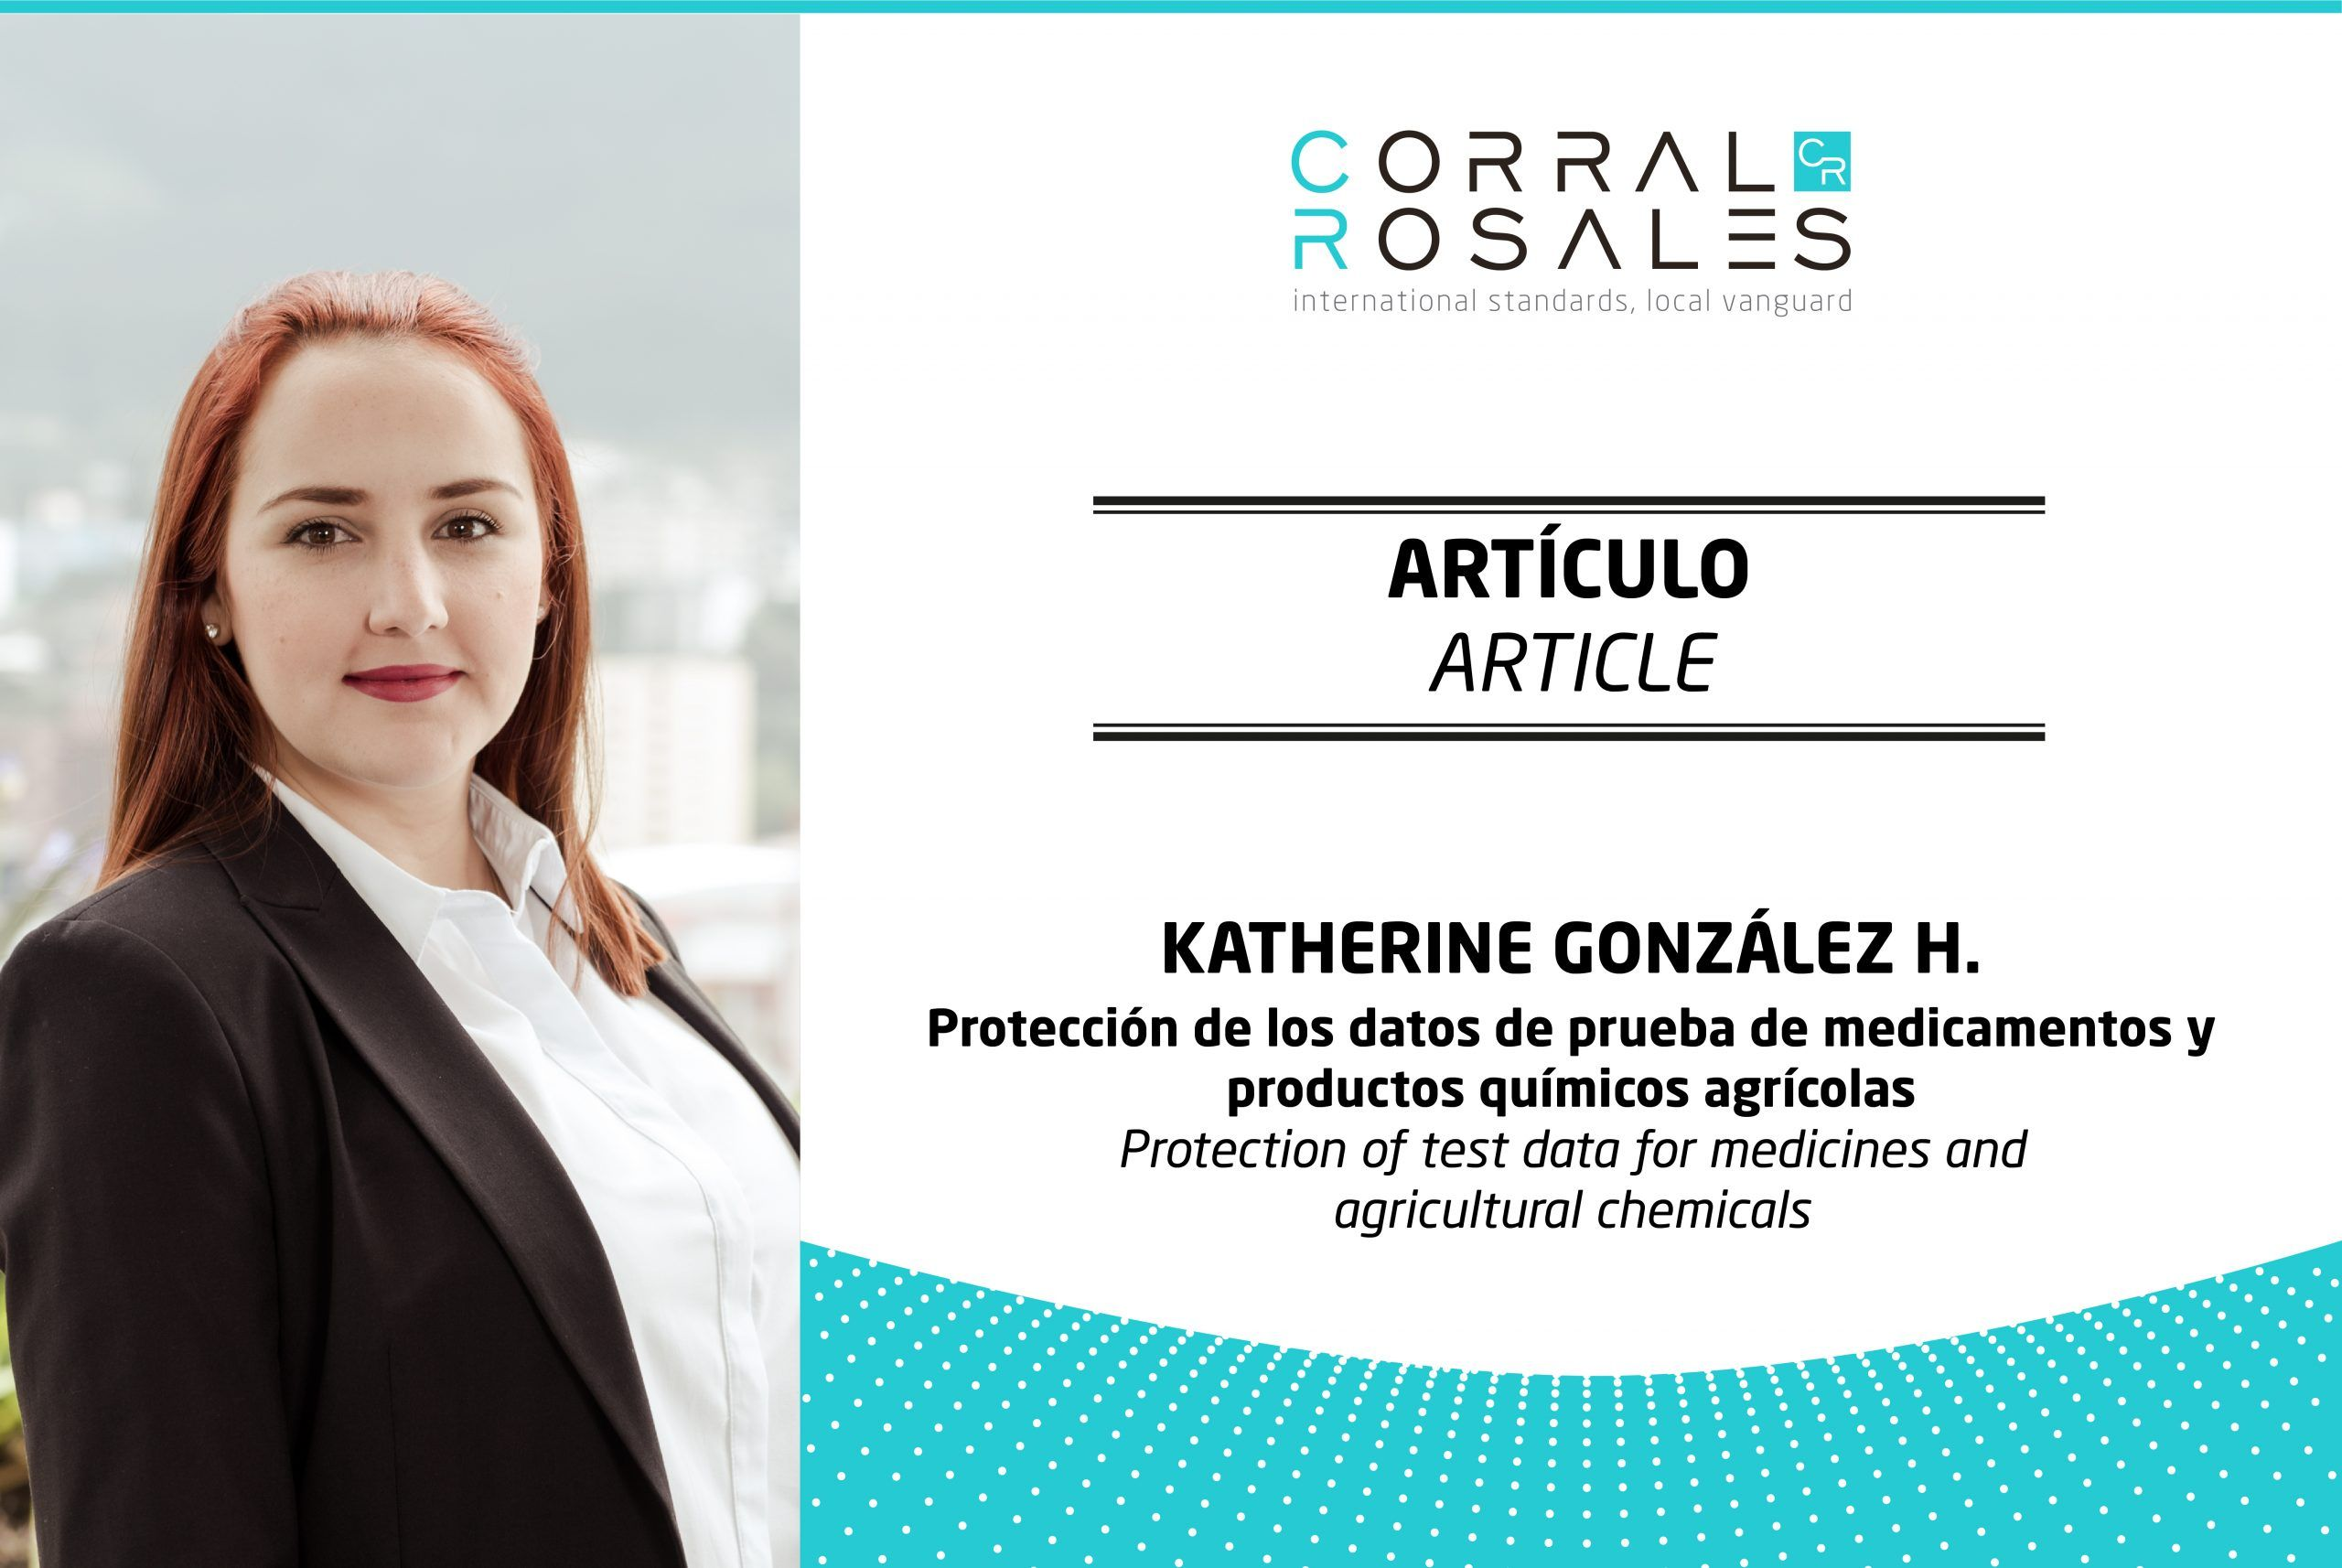 proteccion-de-los-datos-de-prueba-de-medicamentos-y-productos-quimicos-agricolas